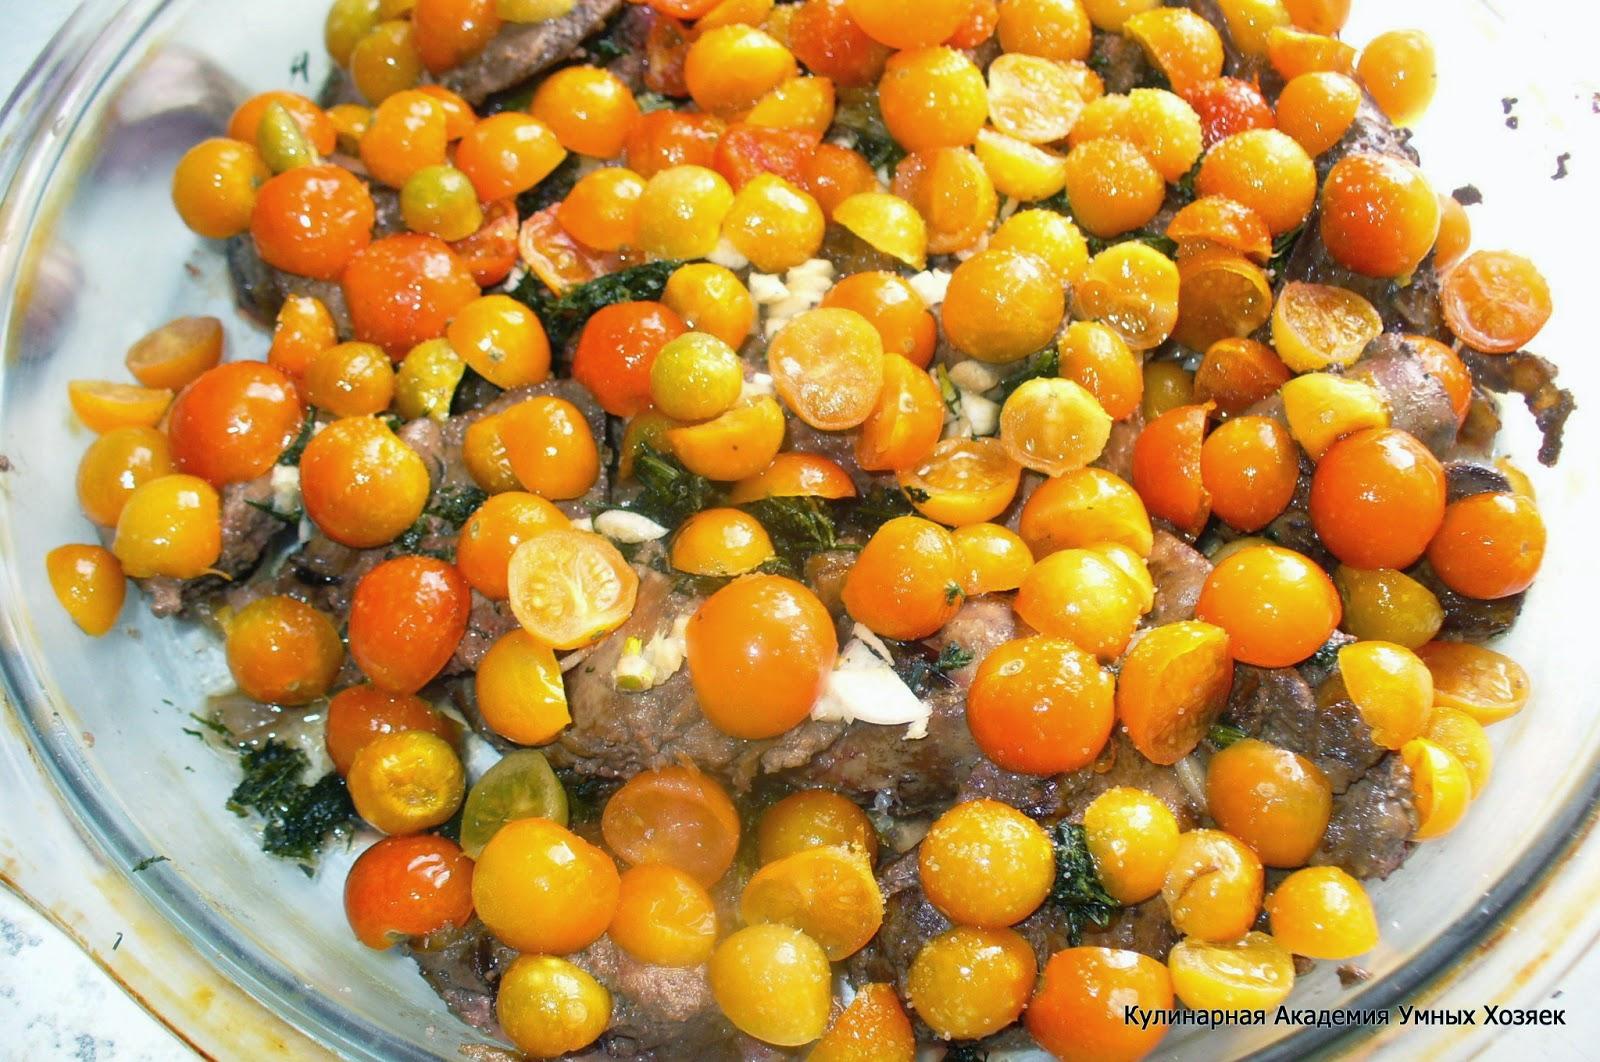 помидоры для печенки